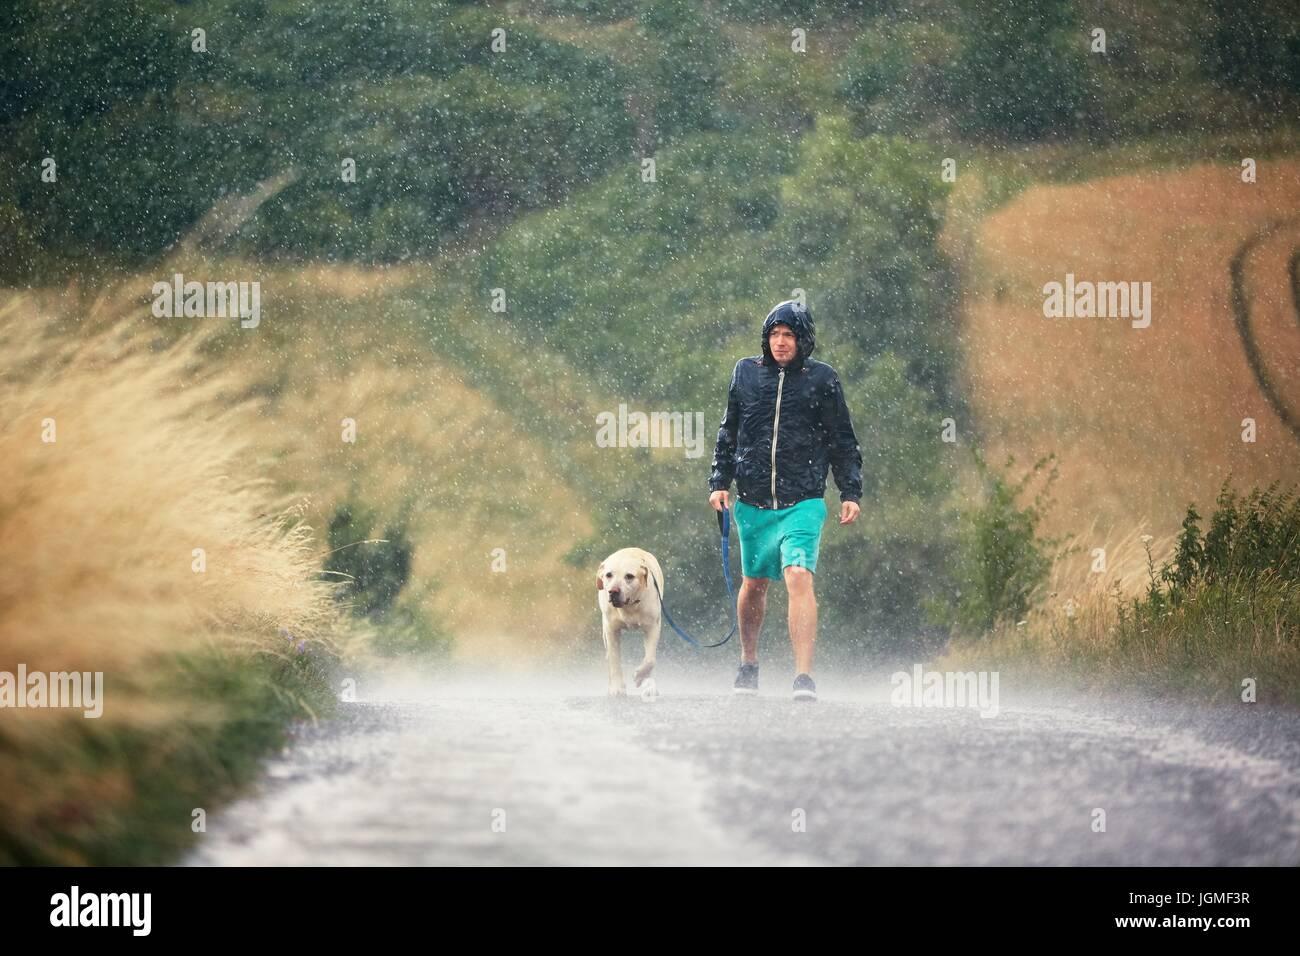 Giovane uomo che cammina con il suo cane (labrador retriever) in heavy rain per la strada rurale. Immagini Stock